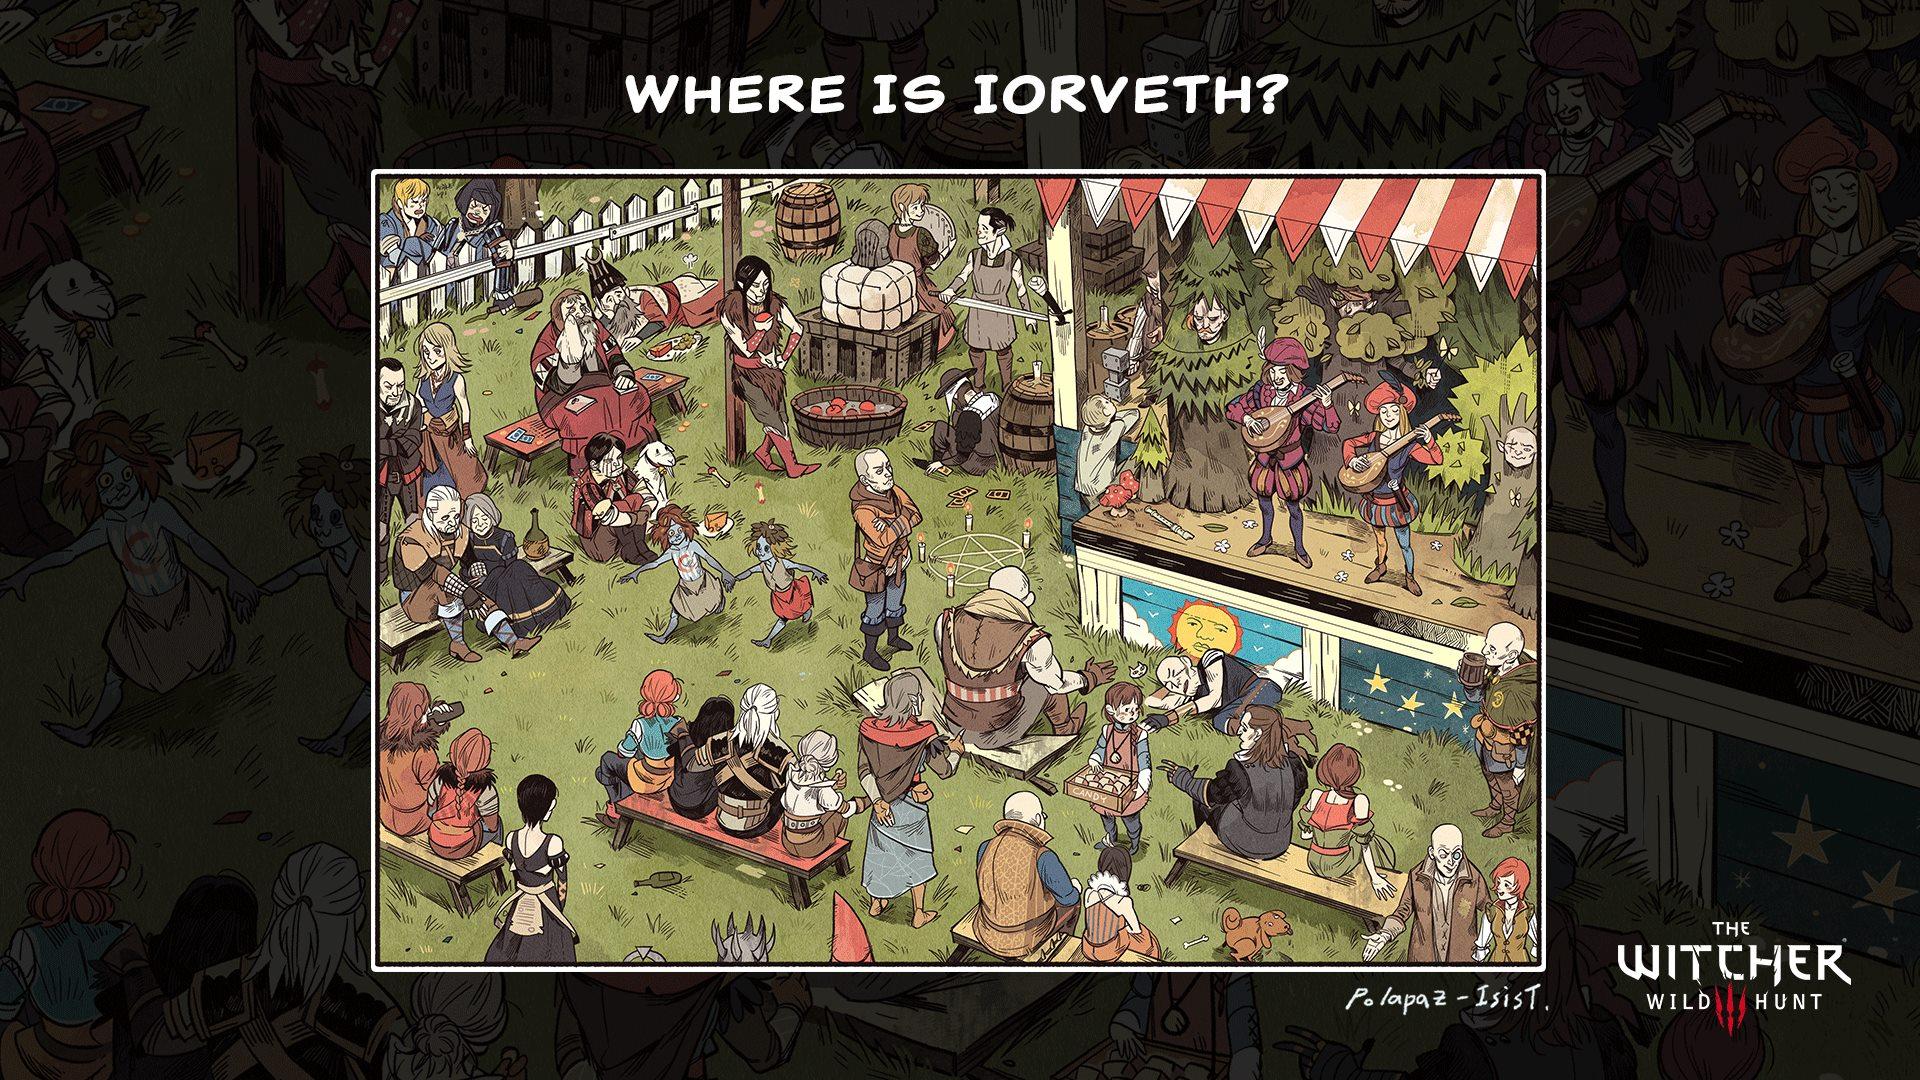 Where is Iorveth?